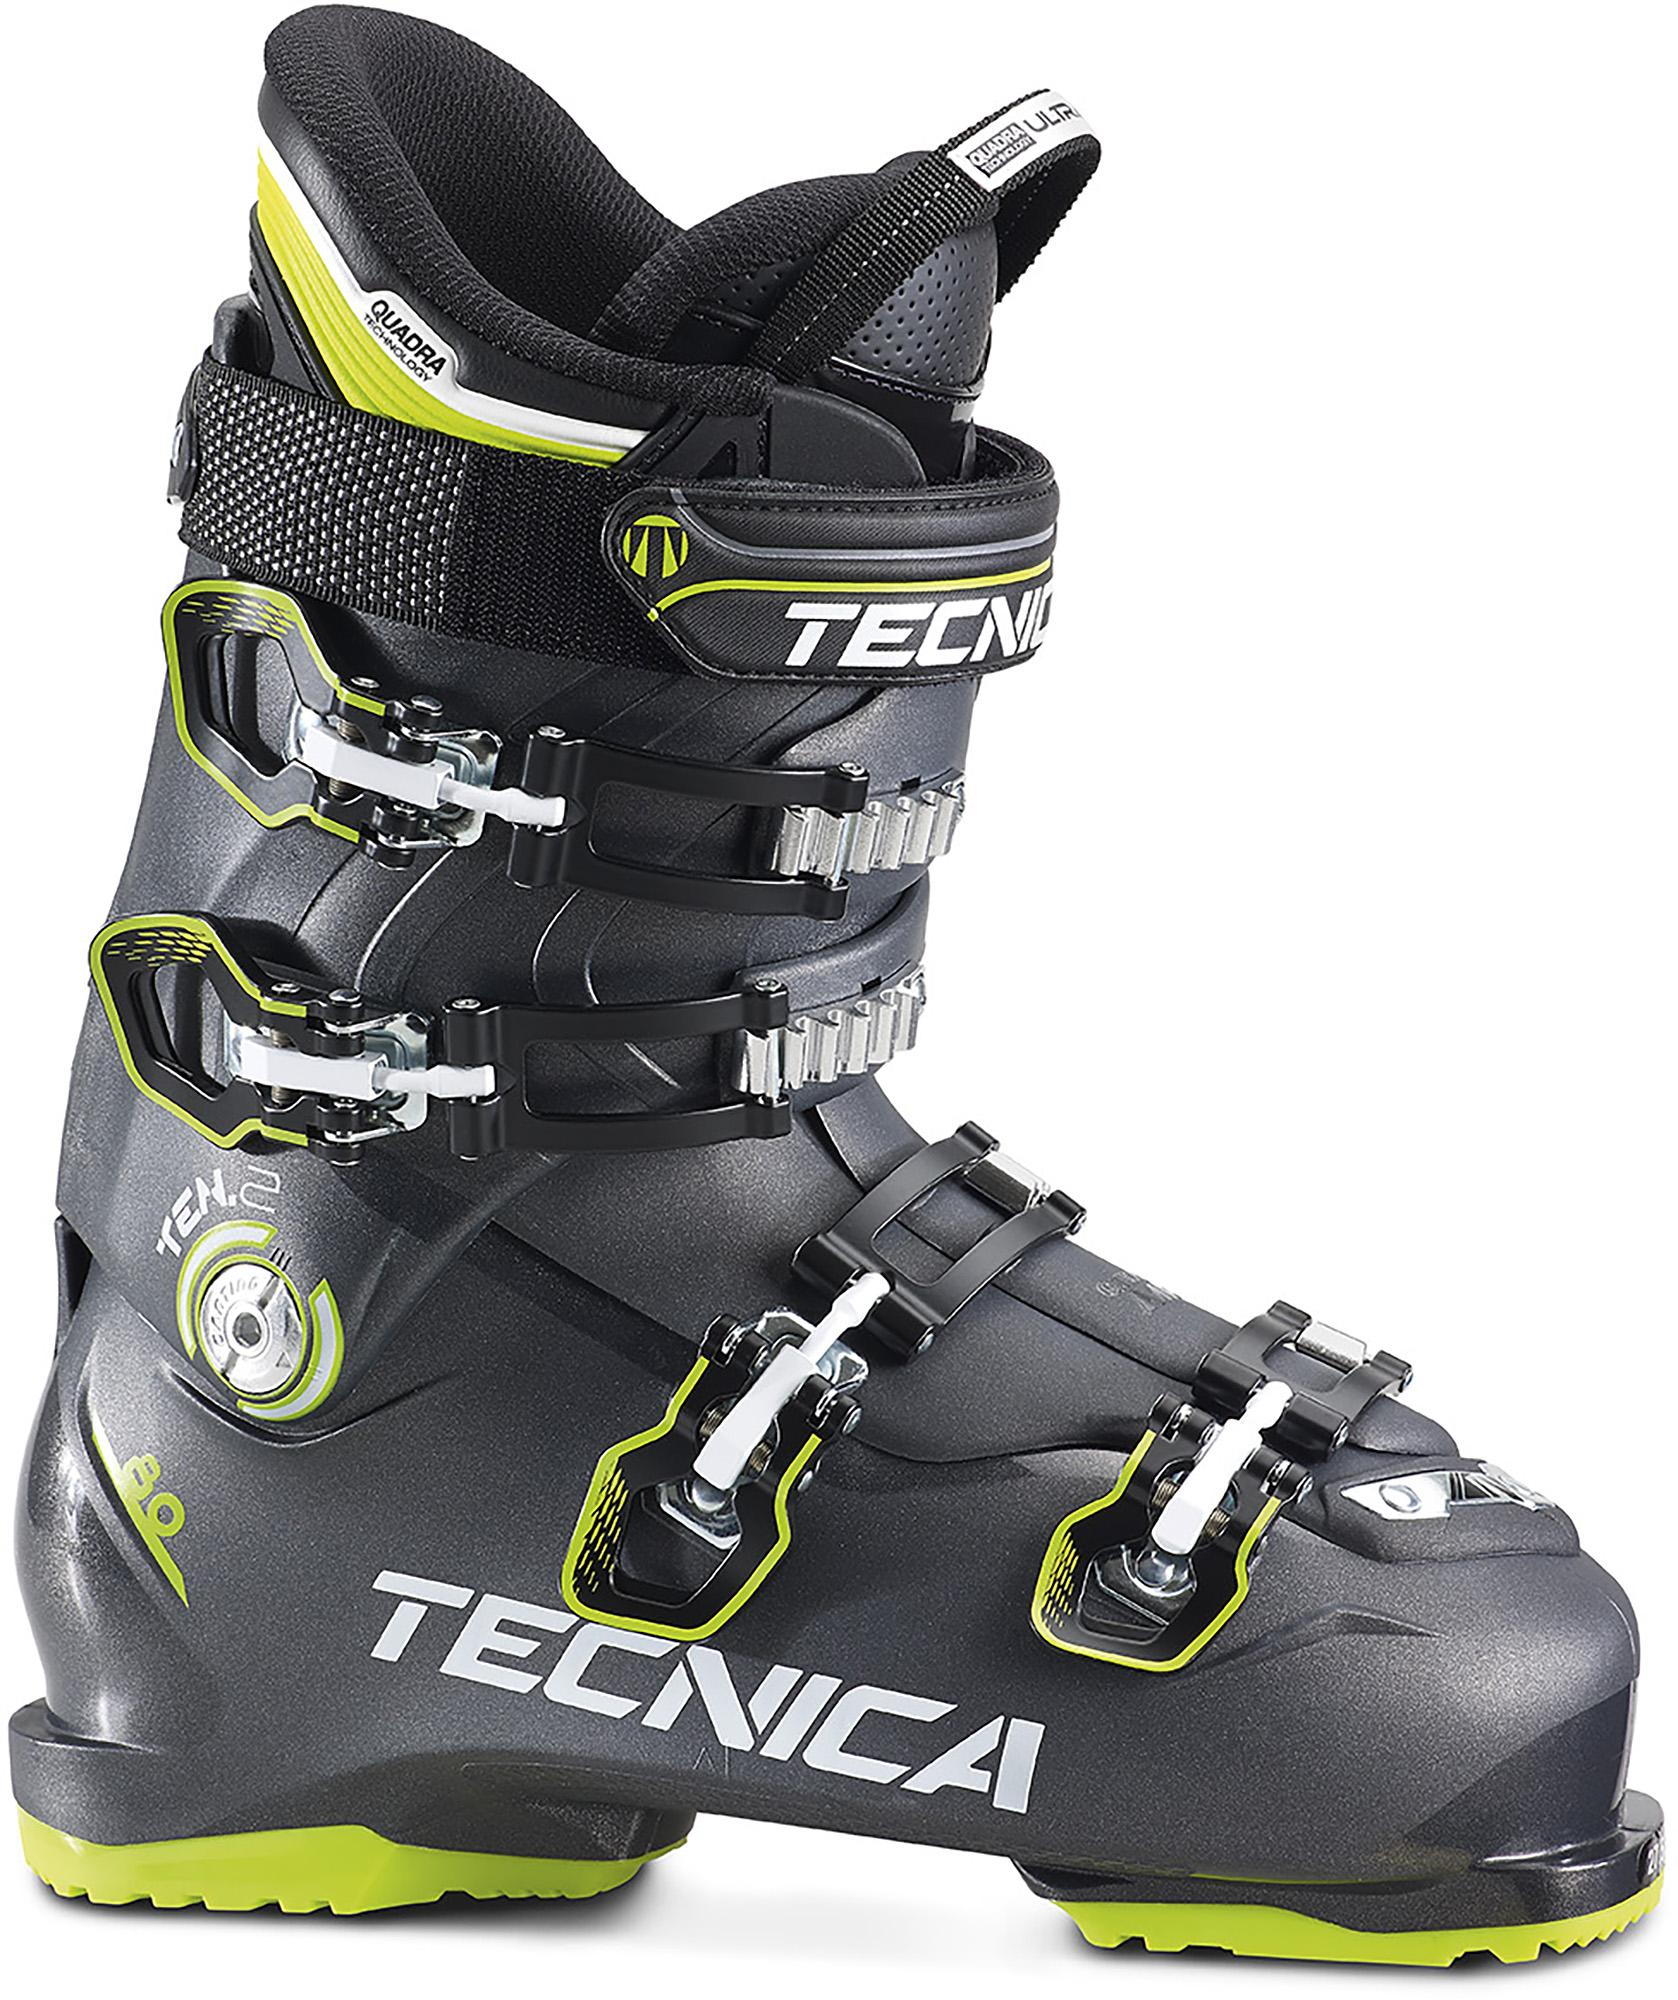 Tecnica Ботинки горнолыжные Tecnica TEN.2 80 HV словени горнолыжные курорты куплю путевку не дорого